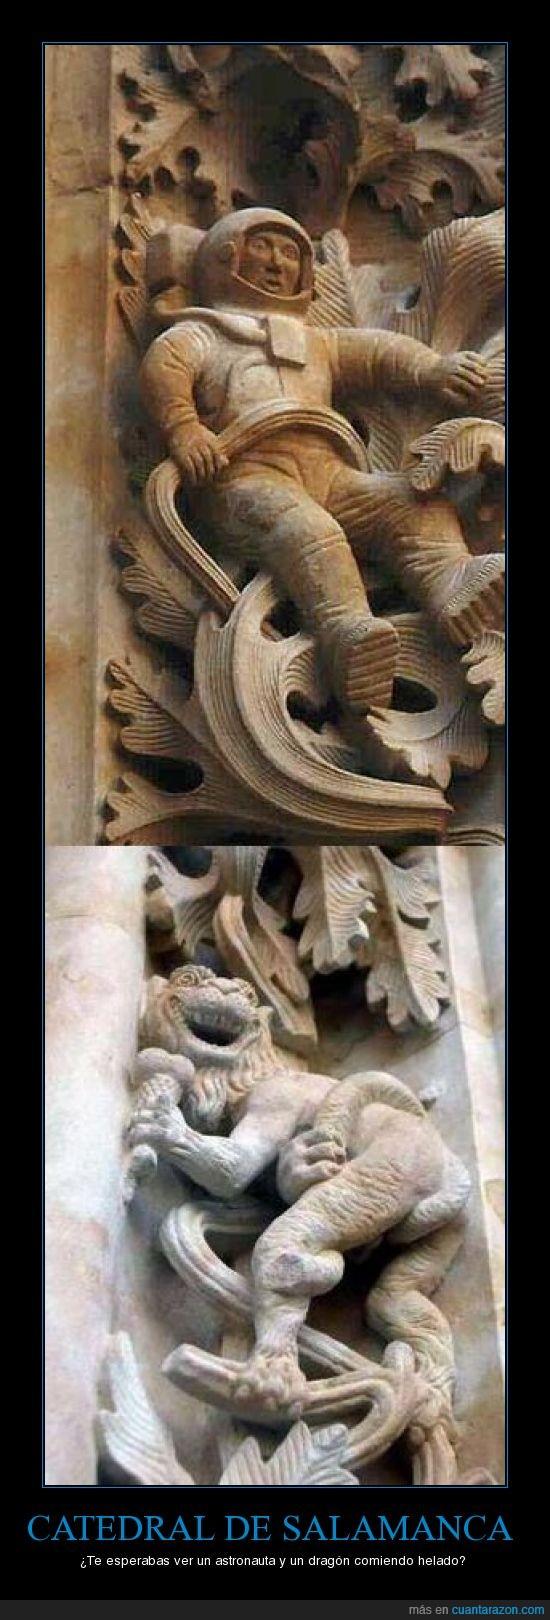 astronauta,catedral,dragon,salamanca